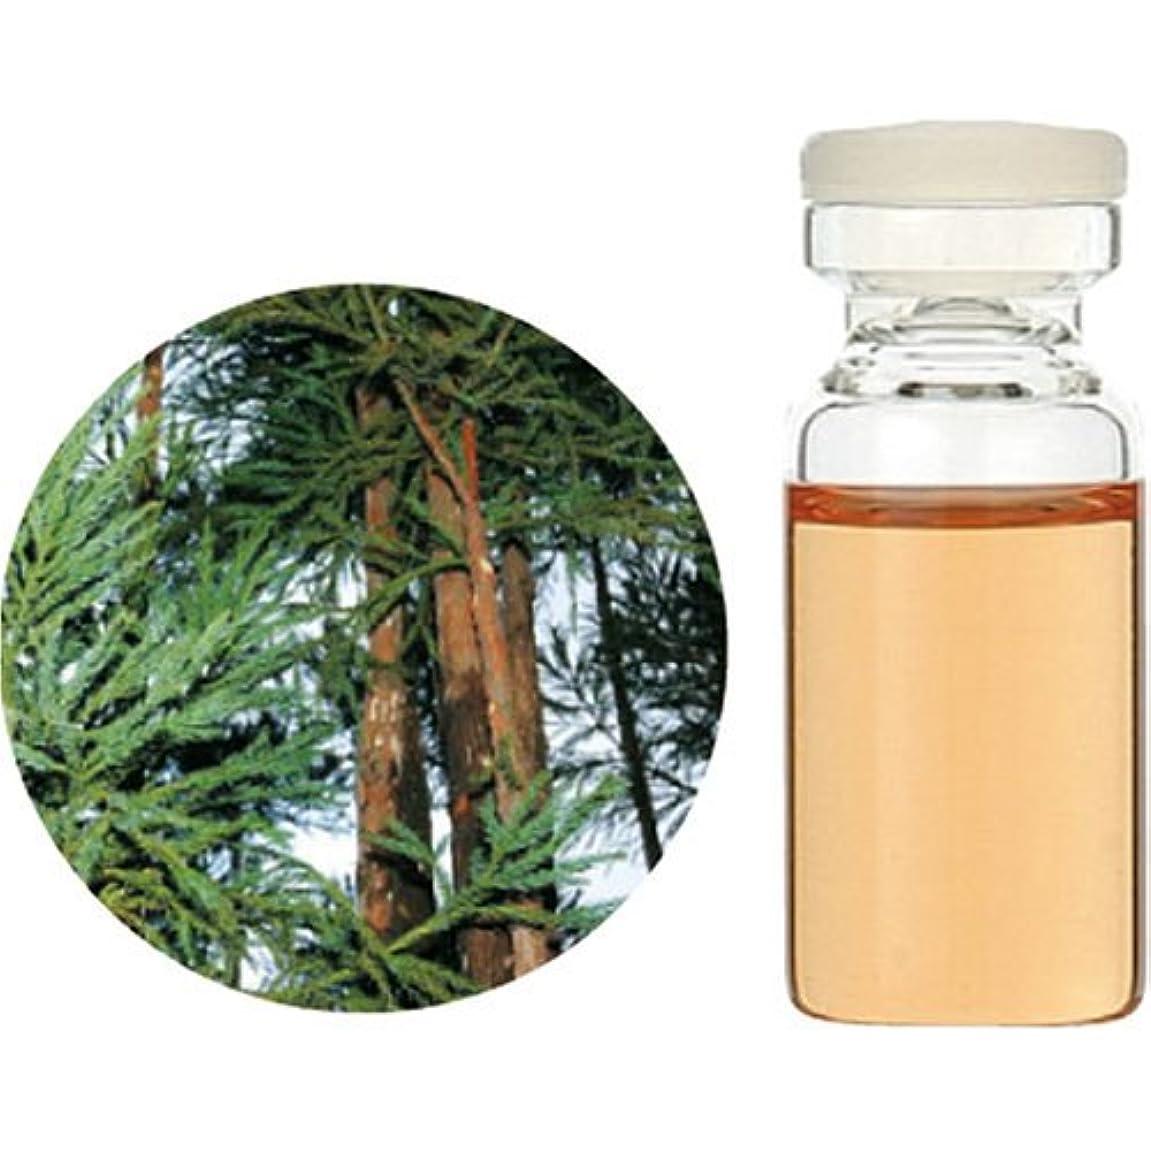 評価する驚いたことに観光に行く生活の木 C 和精油 杉 (木部) エッセンシャルオイル 10ml